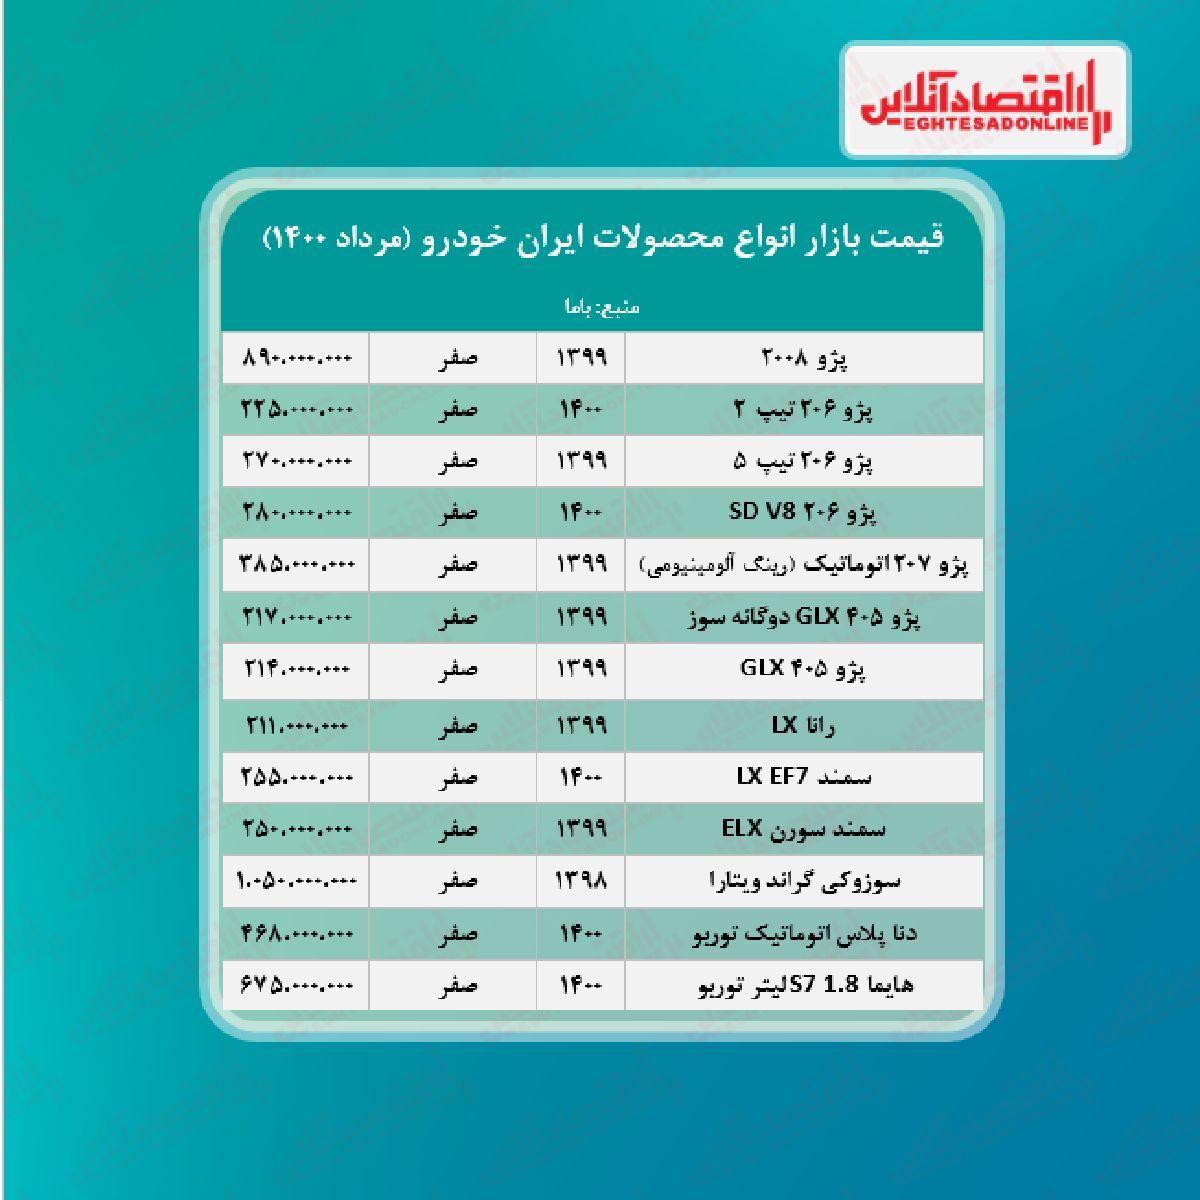 قیمت محصولات ایران خودرو امروز ۱۴۰۰/۵/۸